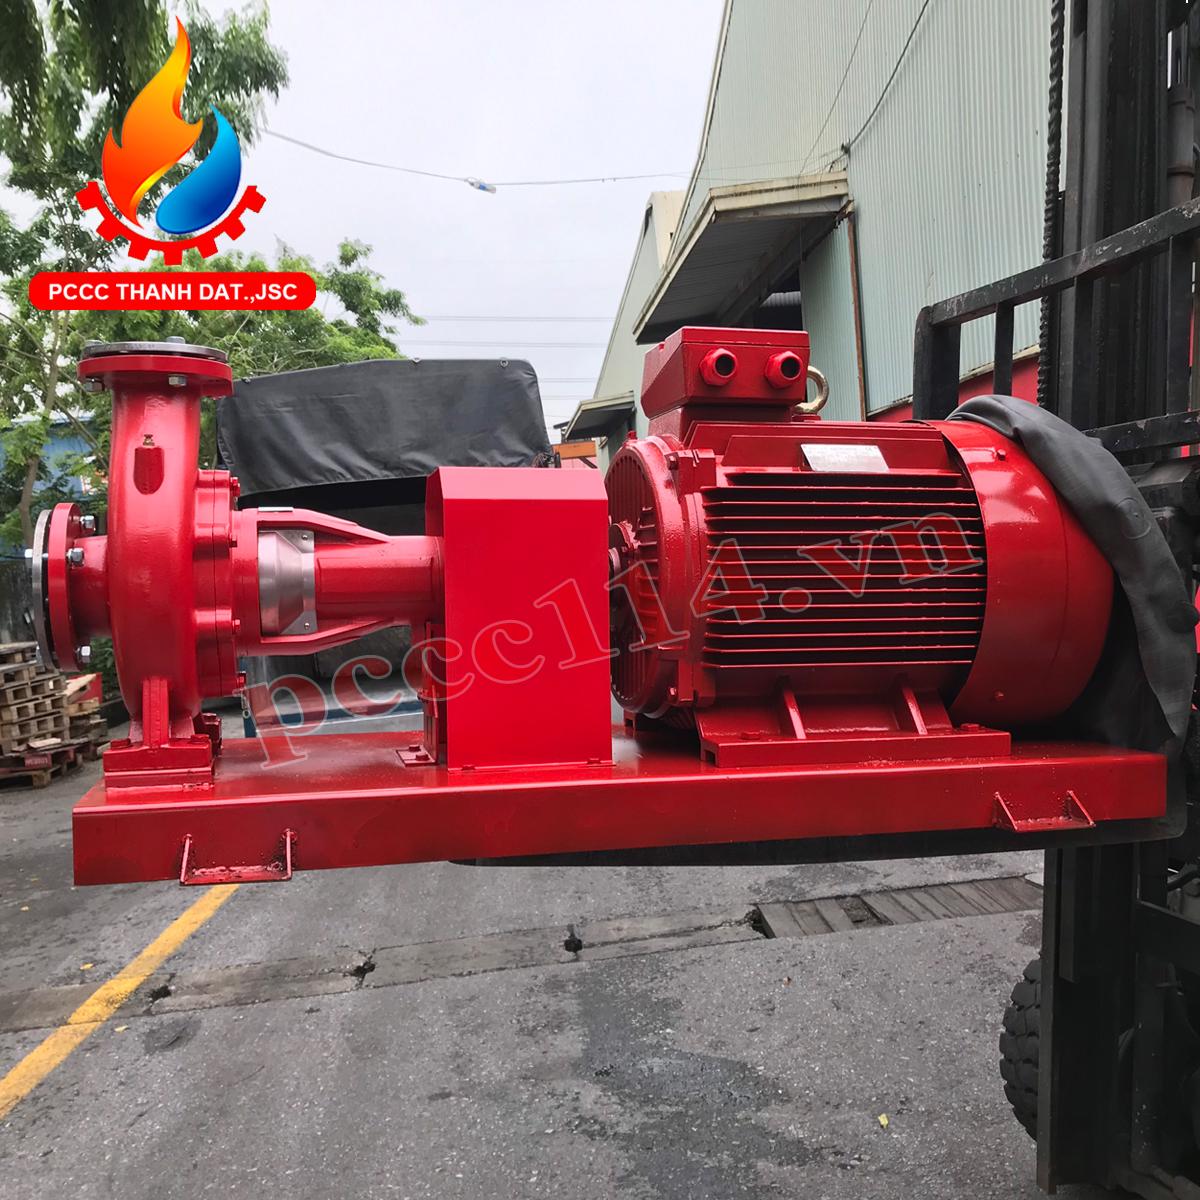 Mua máy bơm chữa cháy tại TPHCM